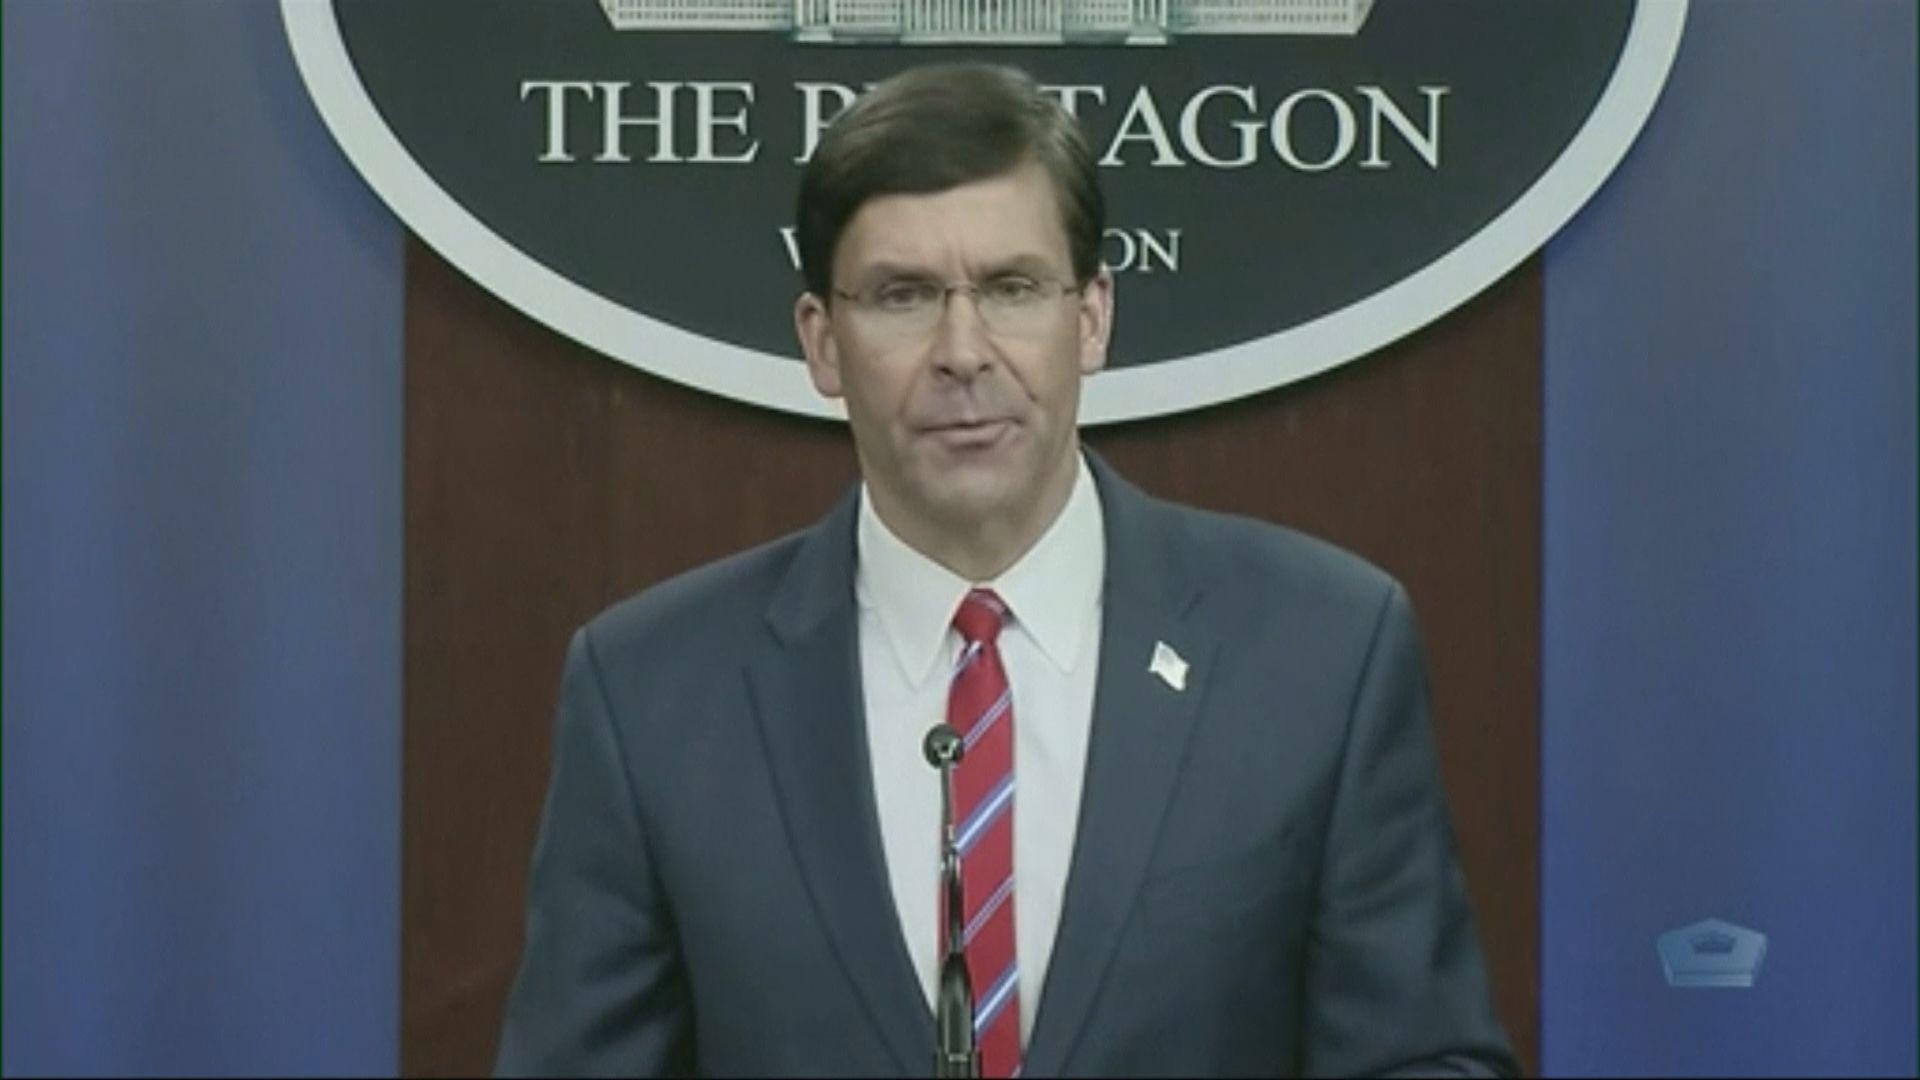 美防長稱美國有責任領導太平洋 中方指不怕美南海挑釁